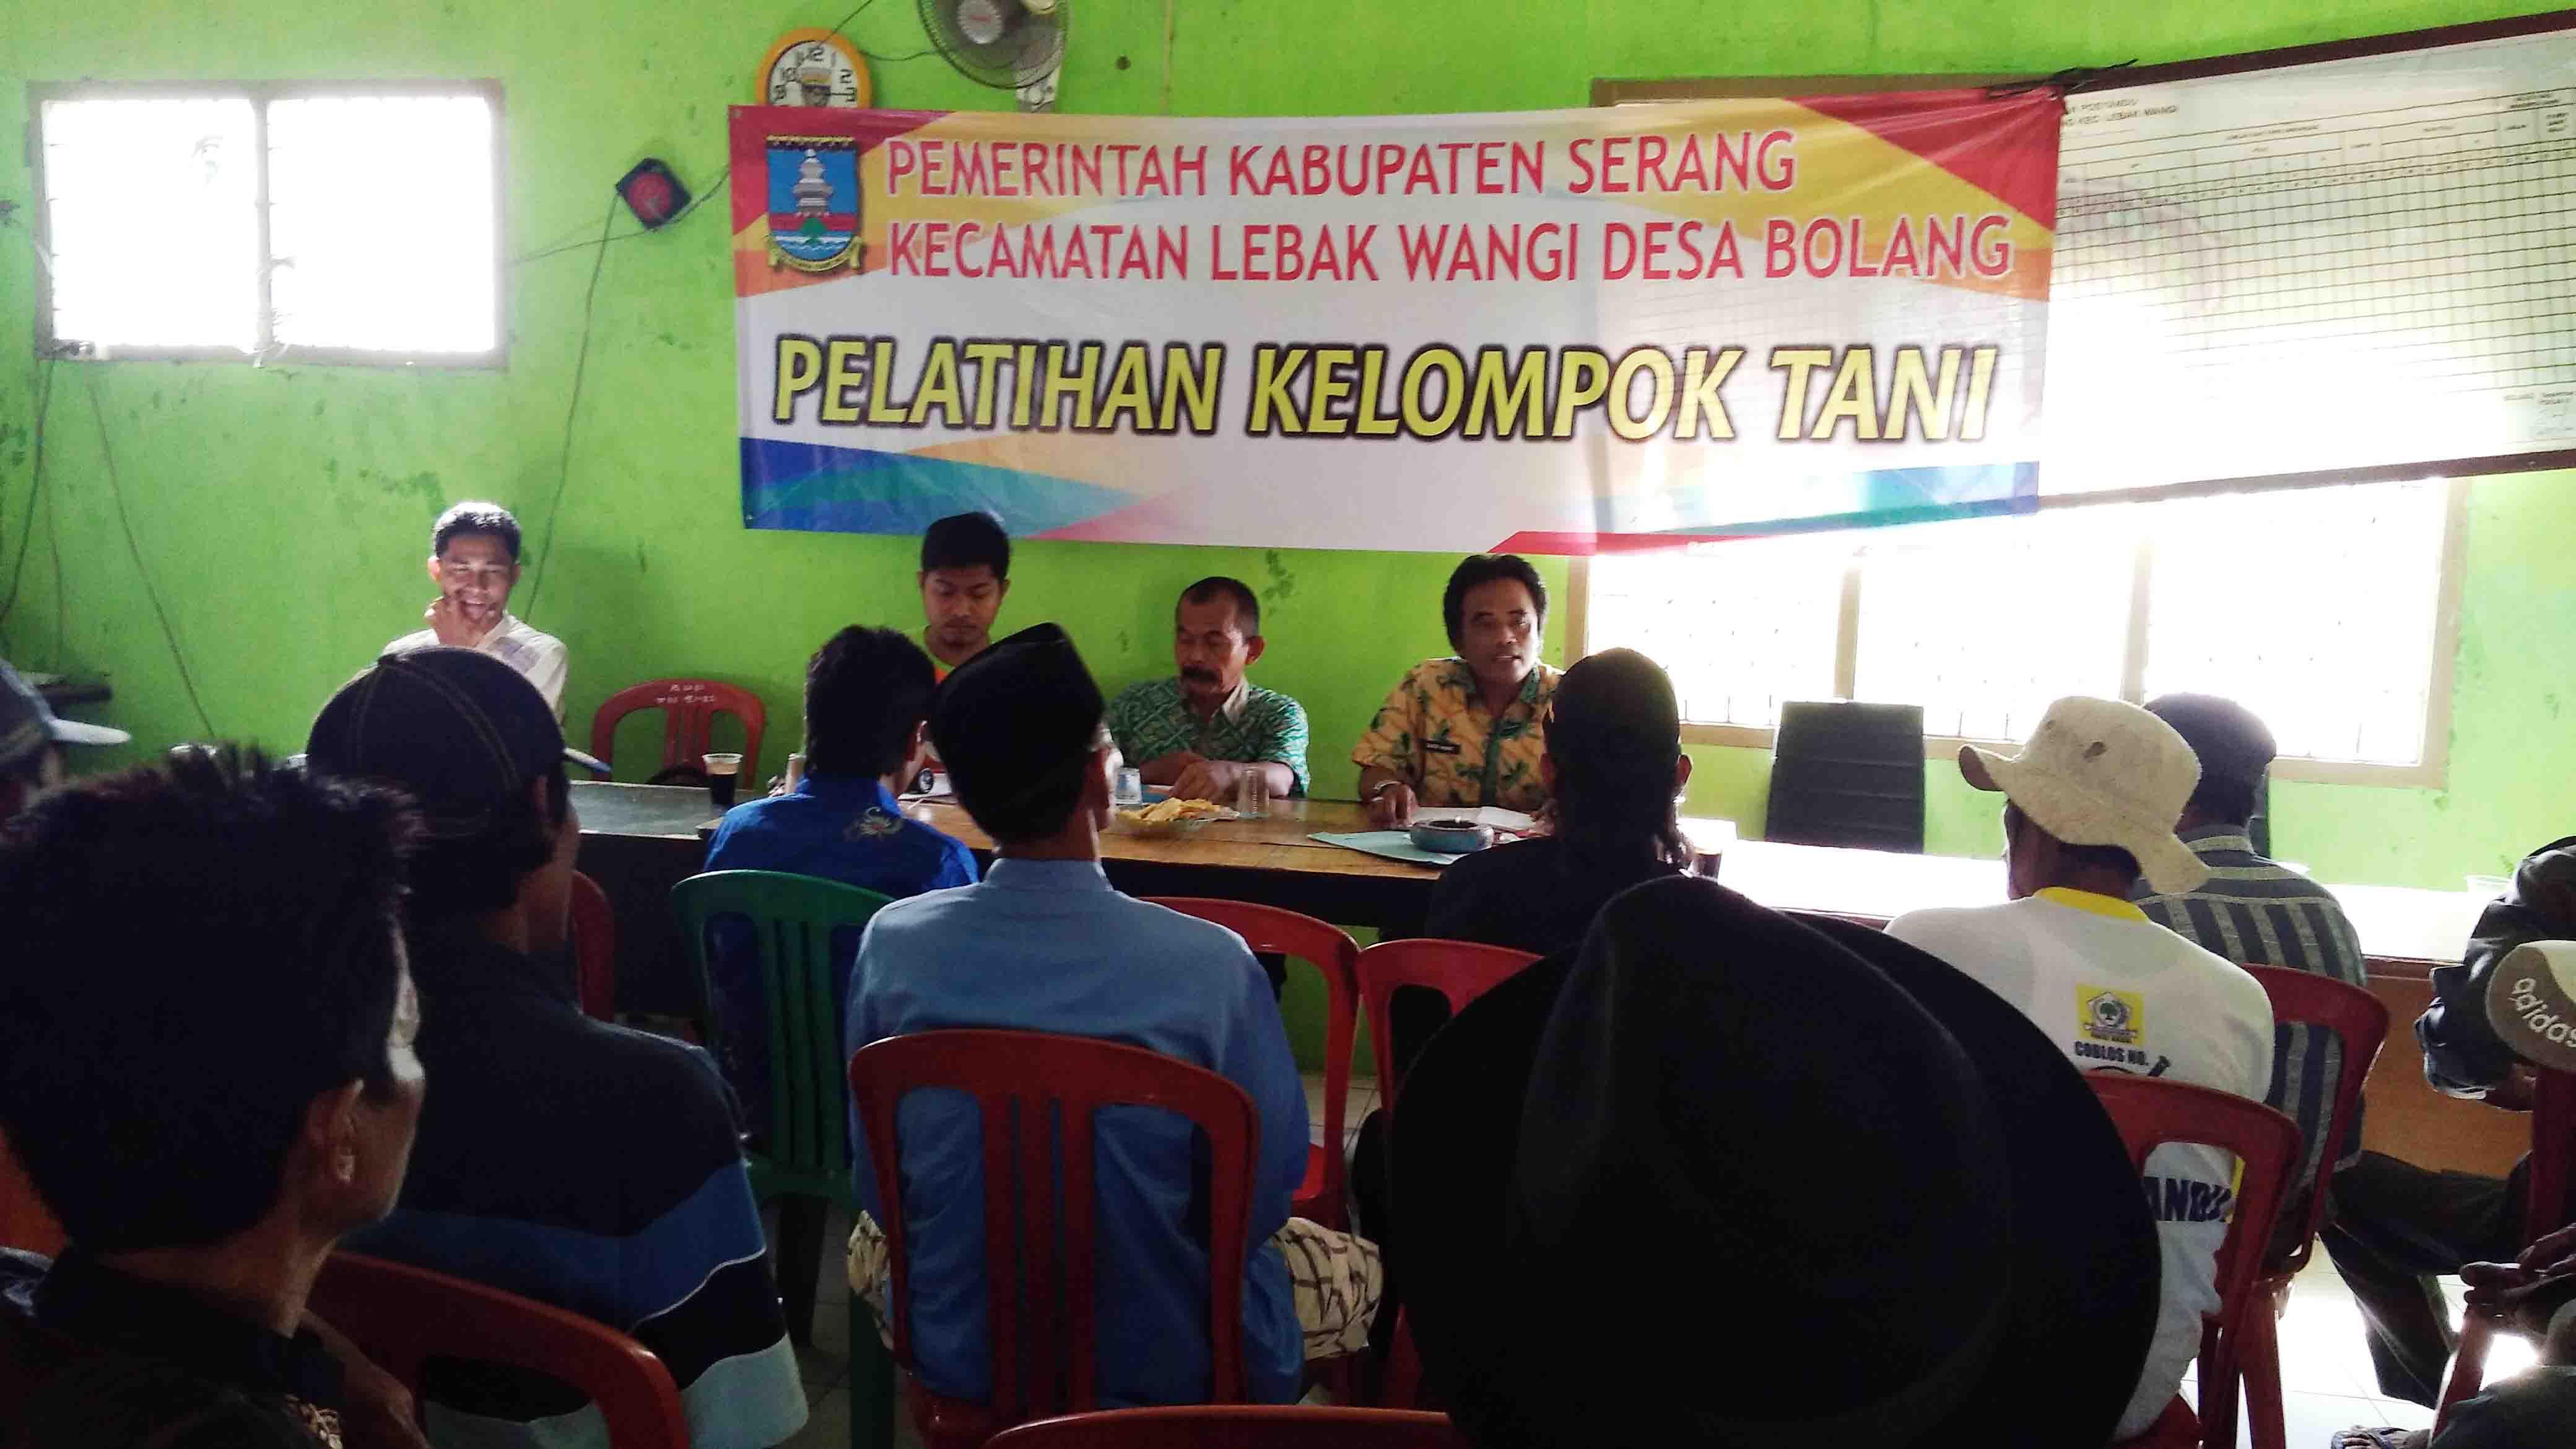 Warga Desa Bolang Kecamatan Lebak Wangi IkutiPenyuluhanPelatihan Pertanian